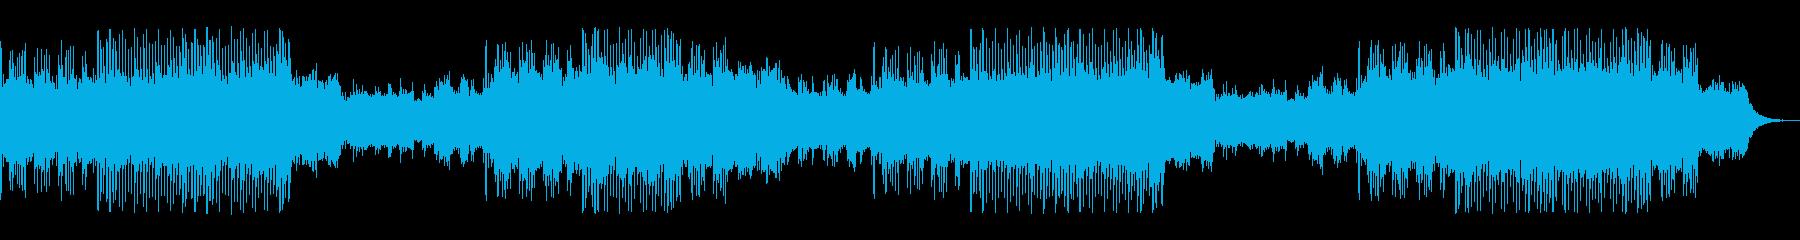 疾走感あるビートテクノボップの再生済みの波形